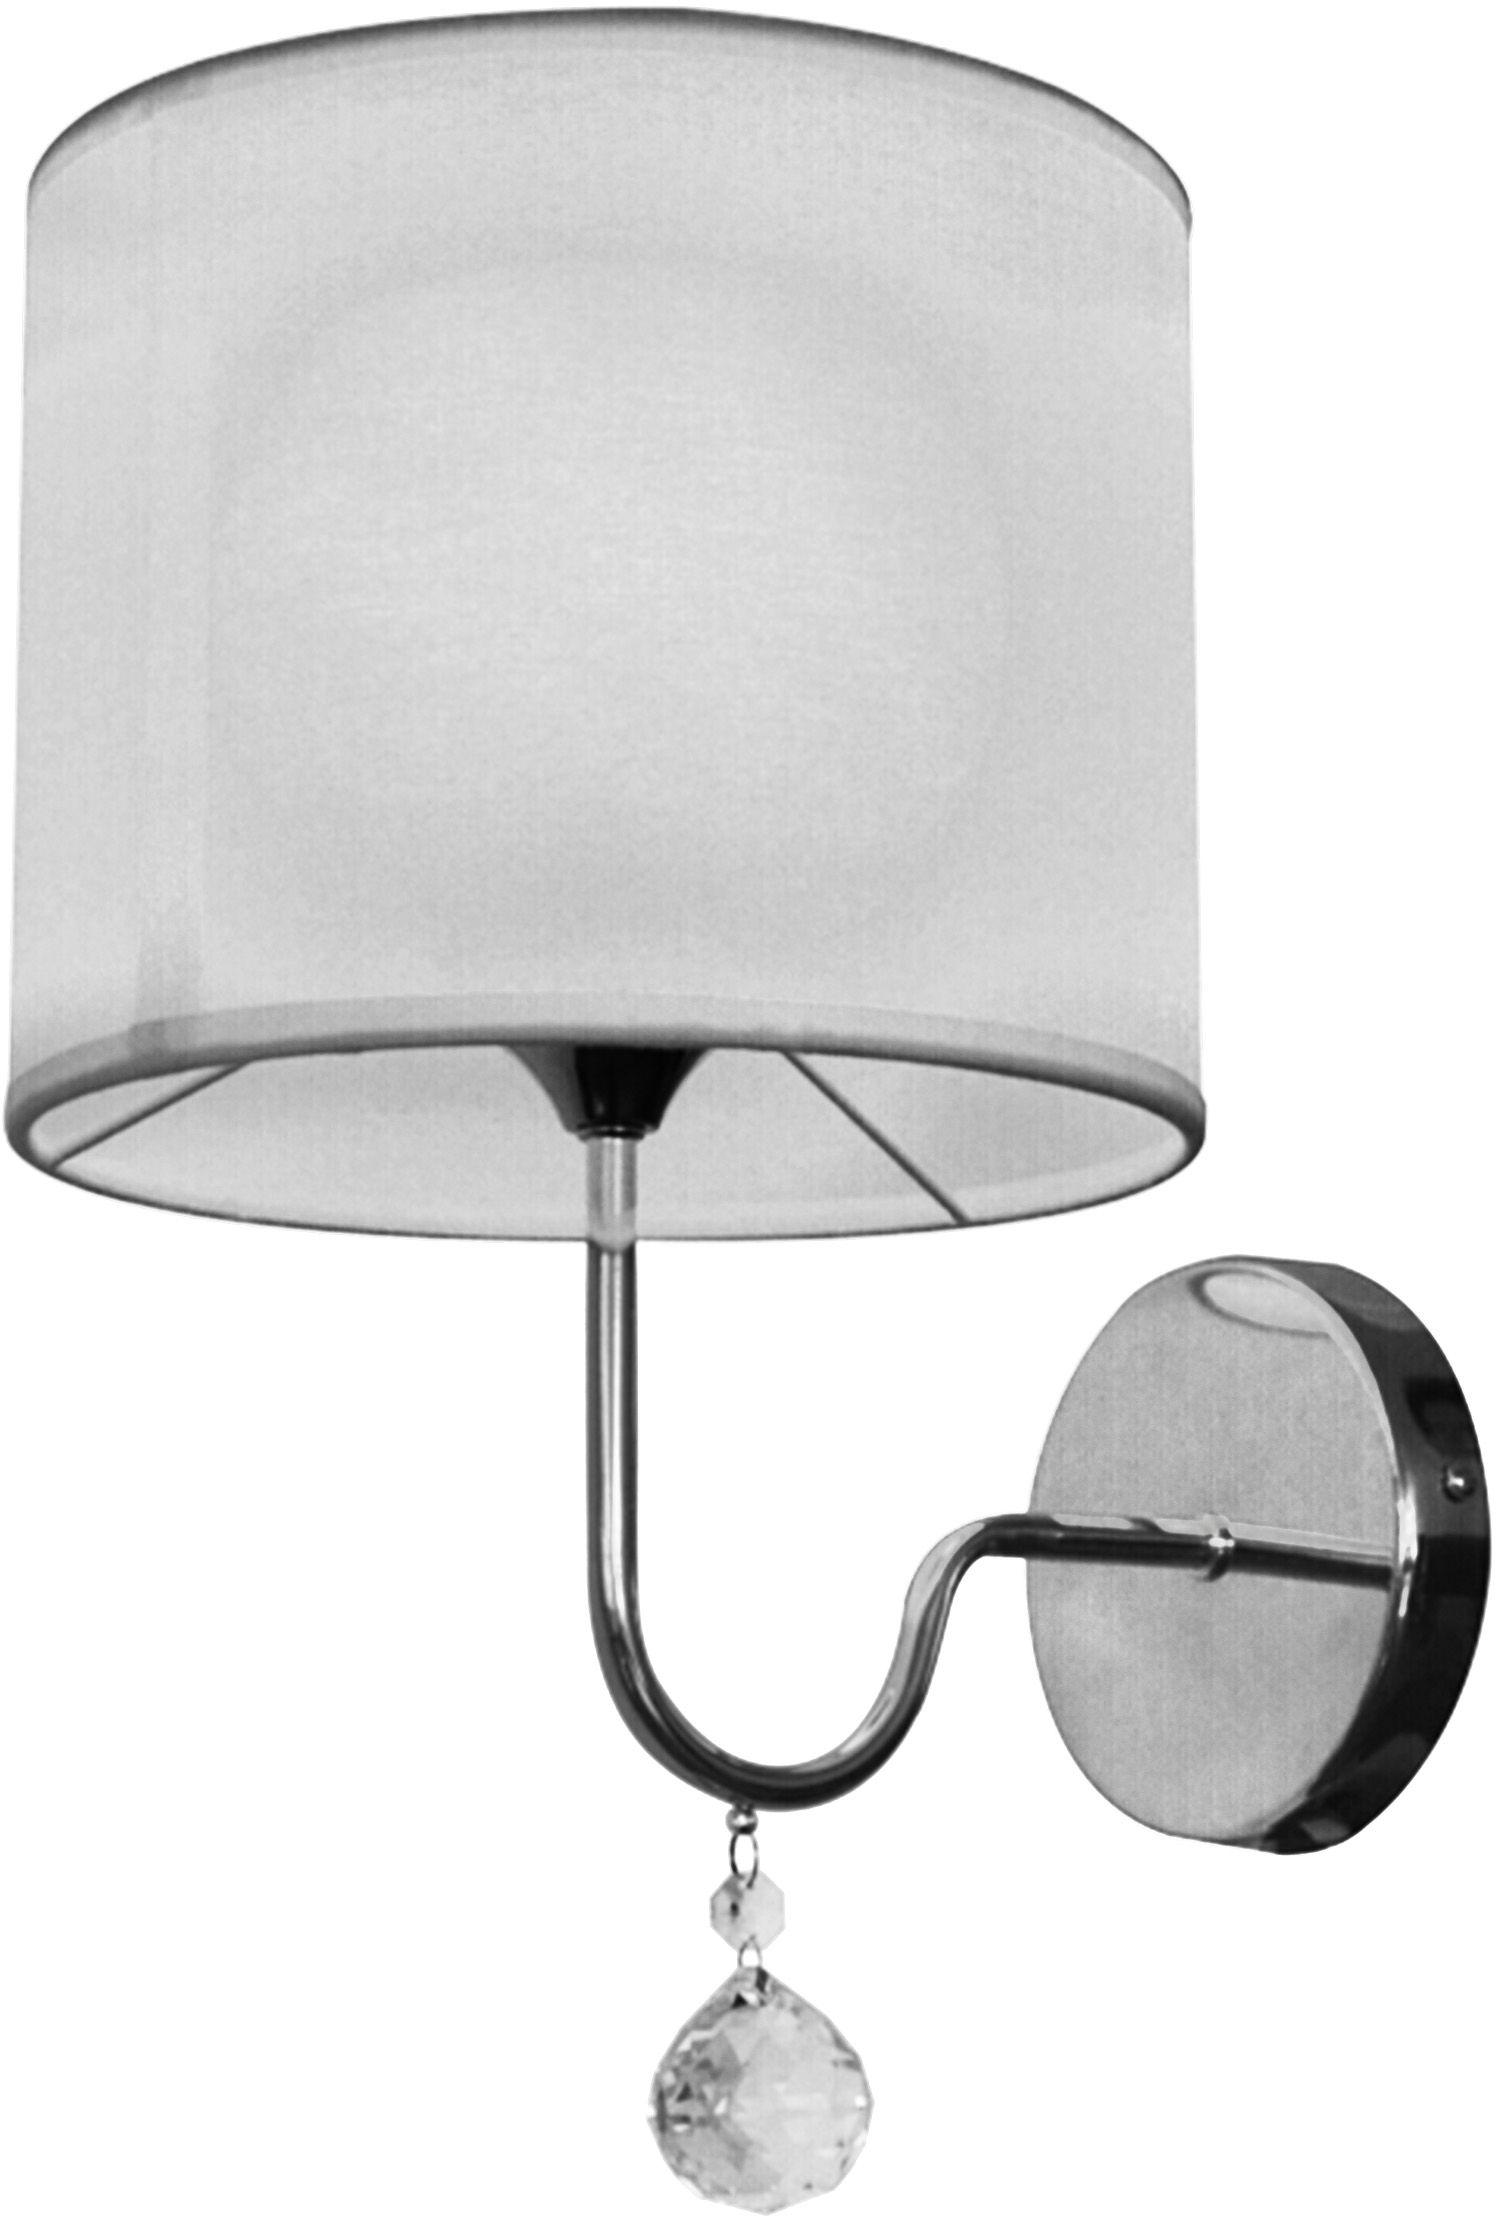 Candellux BRAVA 21-23230 kinkiet lampa ścienna biały abażur kryształki 1X60W E27 22cm